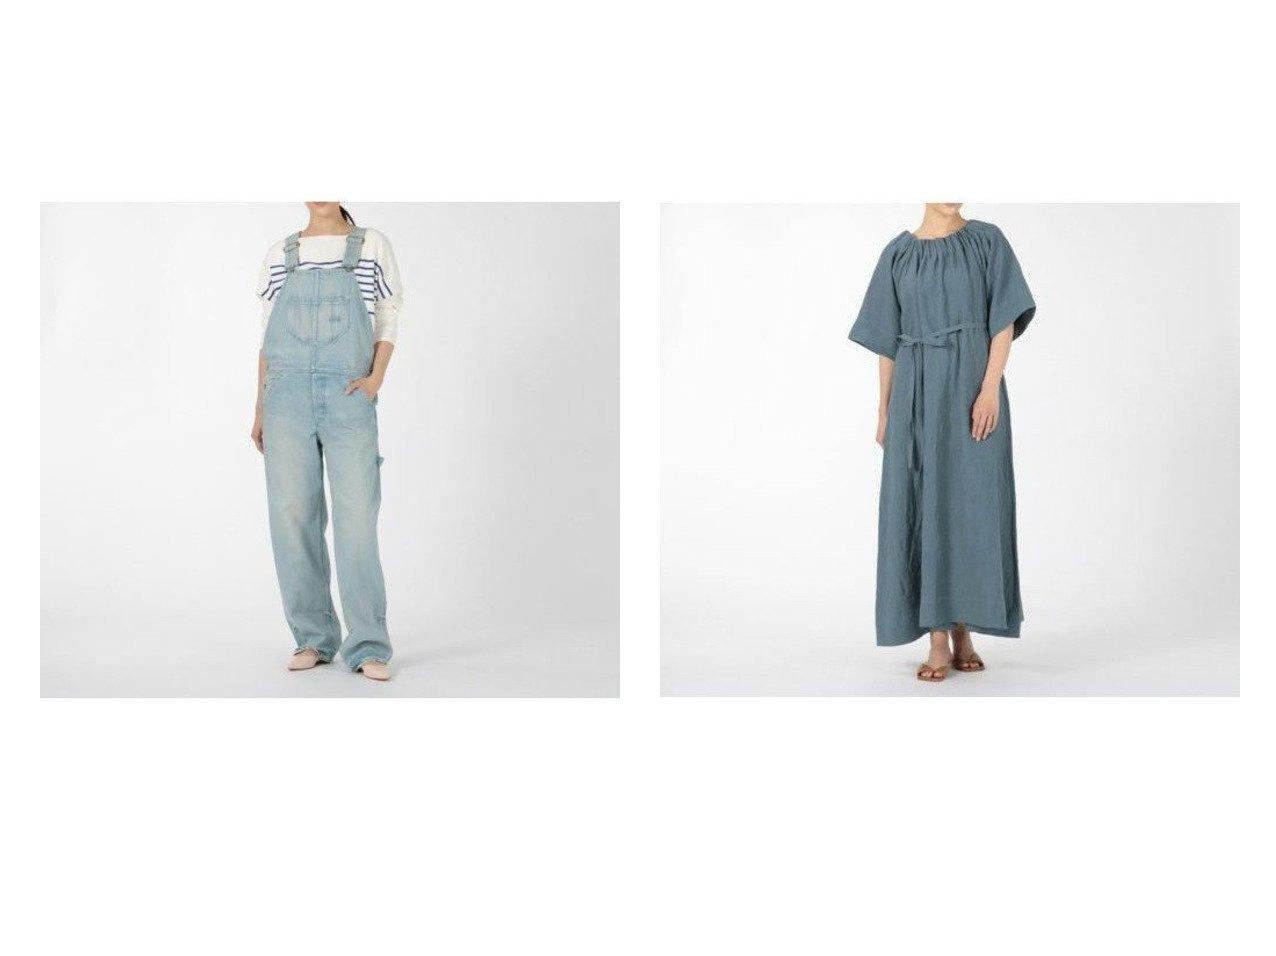 【BLUEBIRD BOULEVARD/ブルーバード ブルバード】のデニムオーバーオールストレートレッグ&ハードリンクルリネンリゾートドレス ワンピース・ドレスのおすすめ!人気トレンド・レディースファッションの通販  おすすめで人気のファッション通販商品 インテリア・家具・キッズファッション・メンズファッション・レディースファッション・服の通販 founy(ファニー) https://founy.com/ ファッション Fashion レディースファッション WOMEN ワンピース Dress ドレス Party Dresses オールインワン ワンピース All In One Dress サロペット Salopette ドレス マキシ リネン リボン デニム ユーズド |ID:crp329100000007797